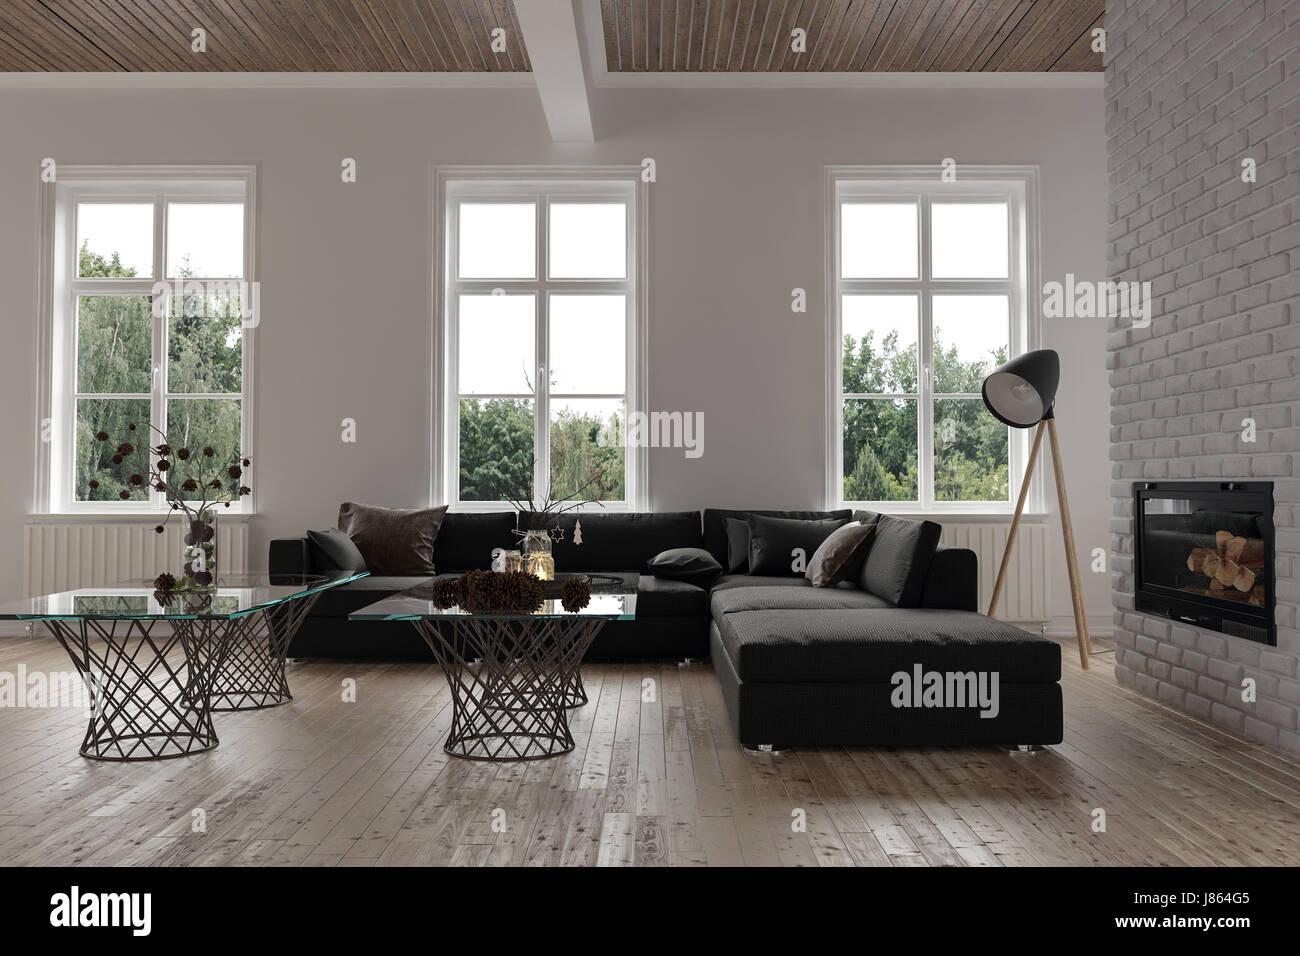 Gemütliche Sitzecke In Einem Modernen Wohnzimmer Interieur Mit Drei  Fenstern, Einem Großen Modulares Sofa, Lampe Und Glas Couchtische Vor Eine  Schornstein  ...